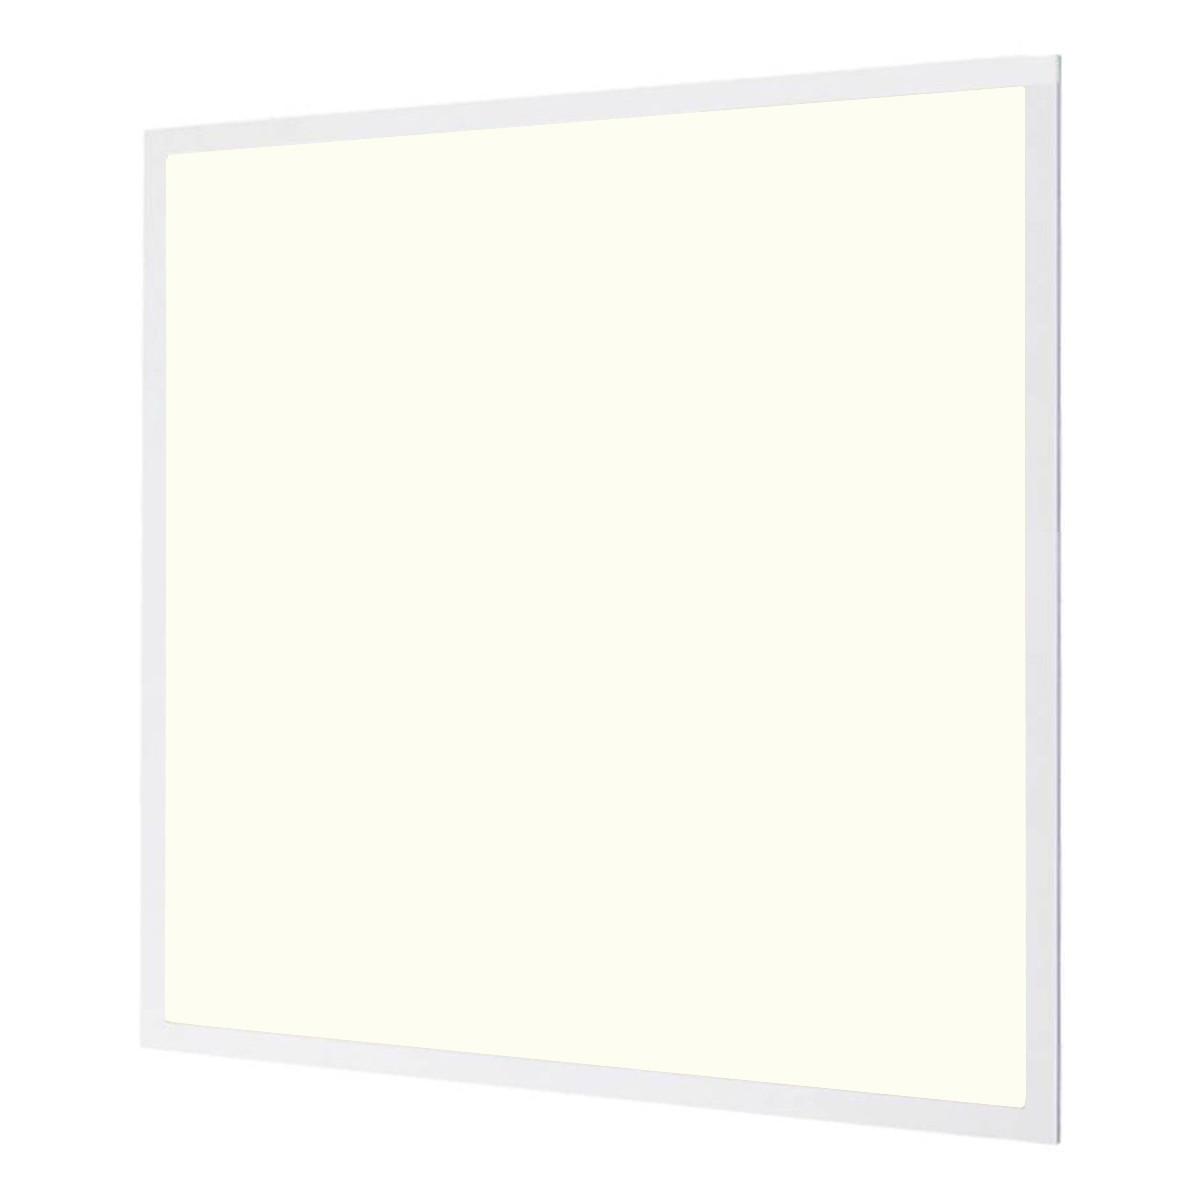 LED Paneel - Aigi - 60x60 Natuurlijk Wit 4000K - 40W Inbouw Vierkant - Inclusief Stekker - Mat Wit - Flikkervrij